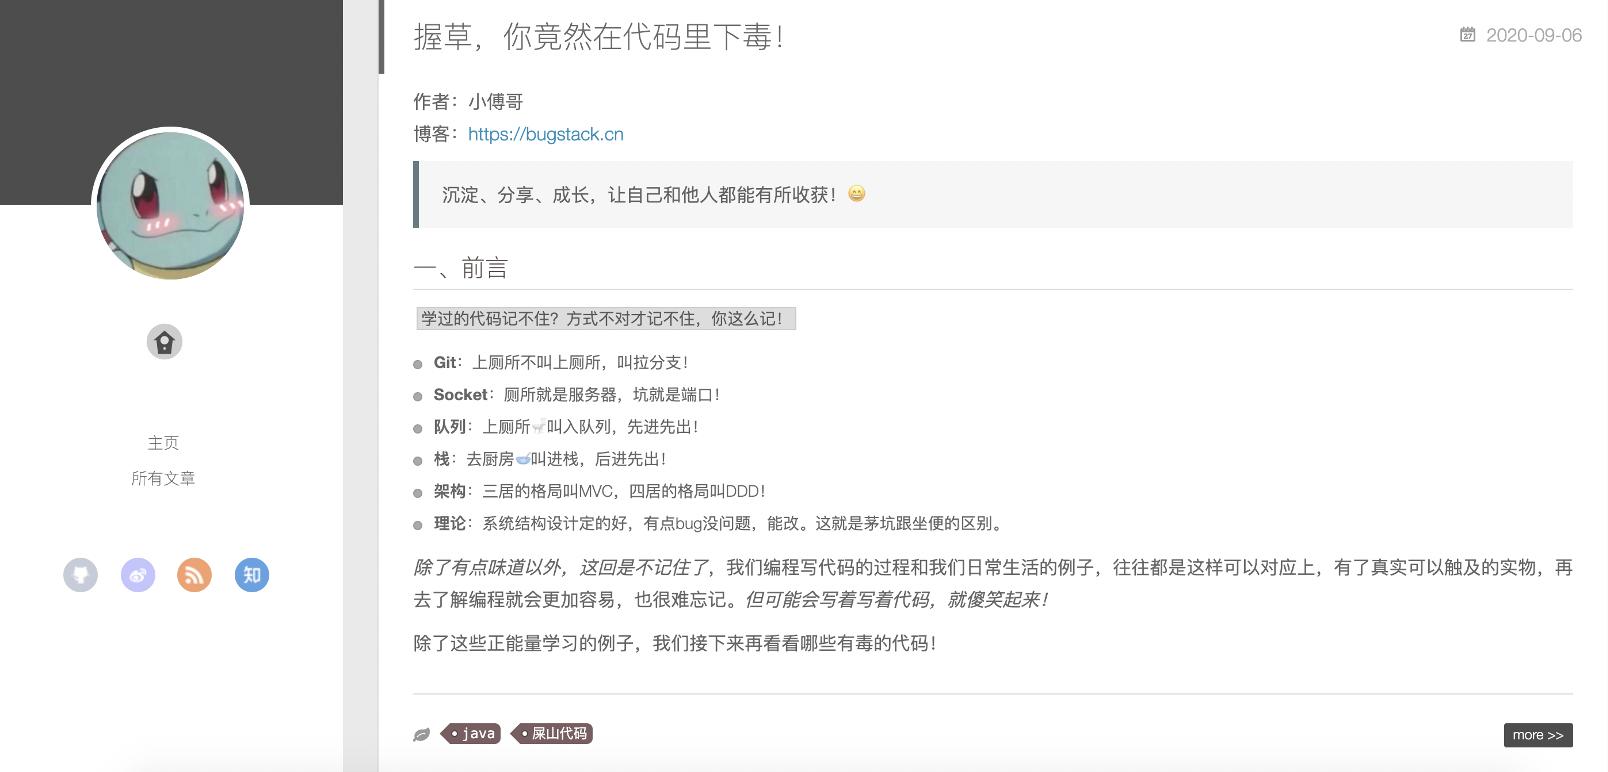 http://hexo.blog.itedus.cn/